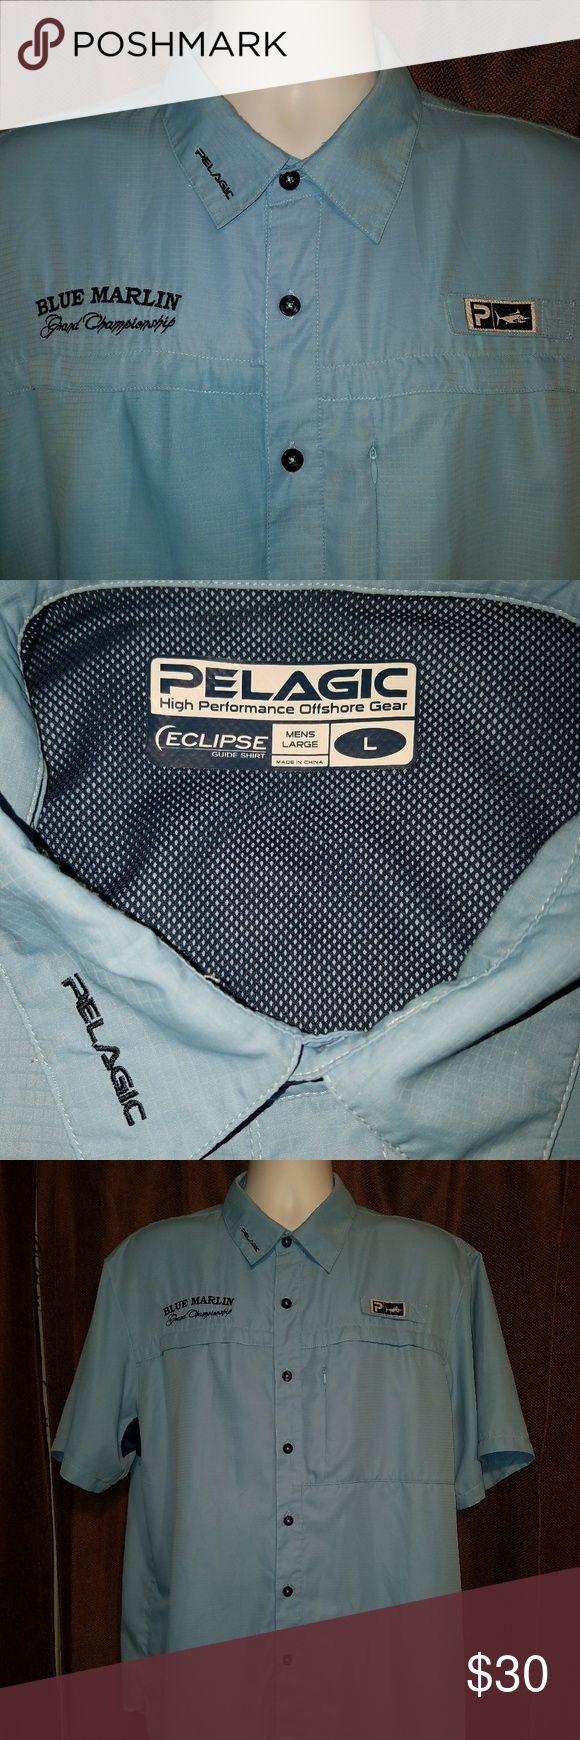 Pelagic Pelagic offshore fishing gear excellent condition